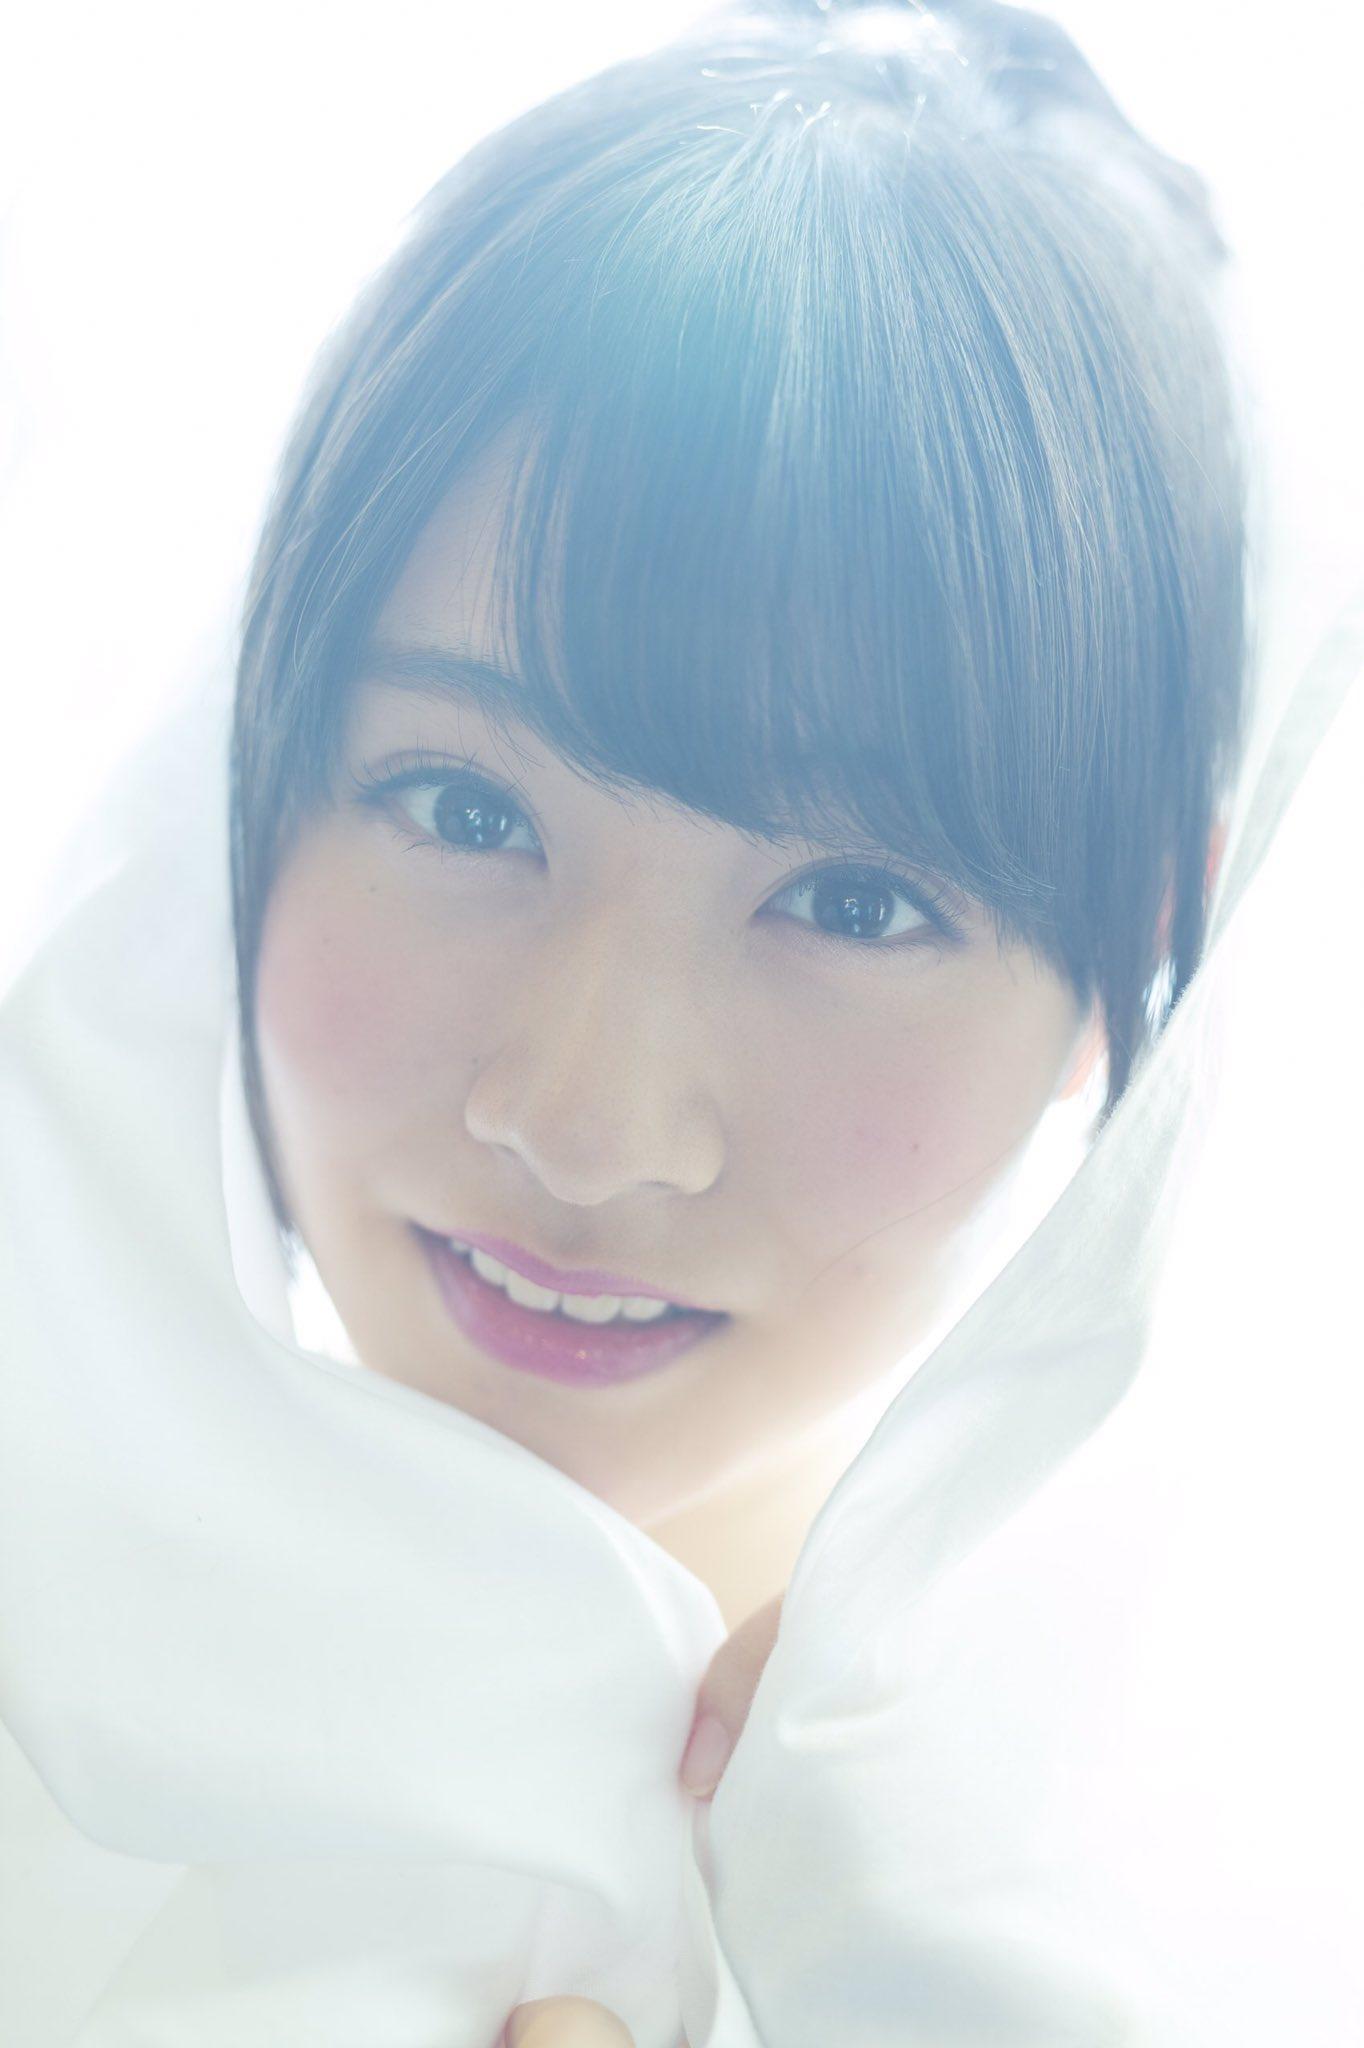 加藤美南さんの画像その14